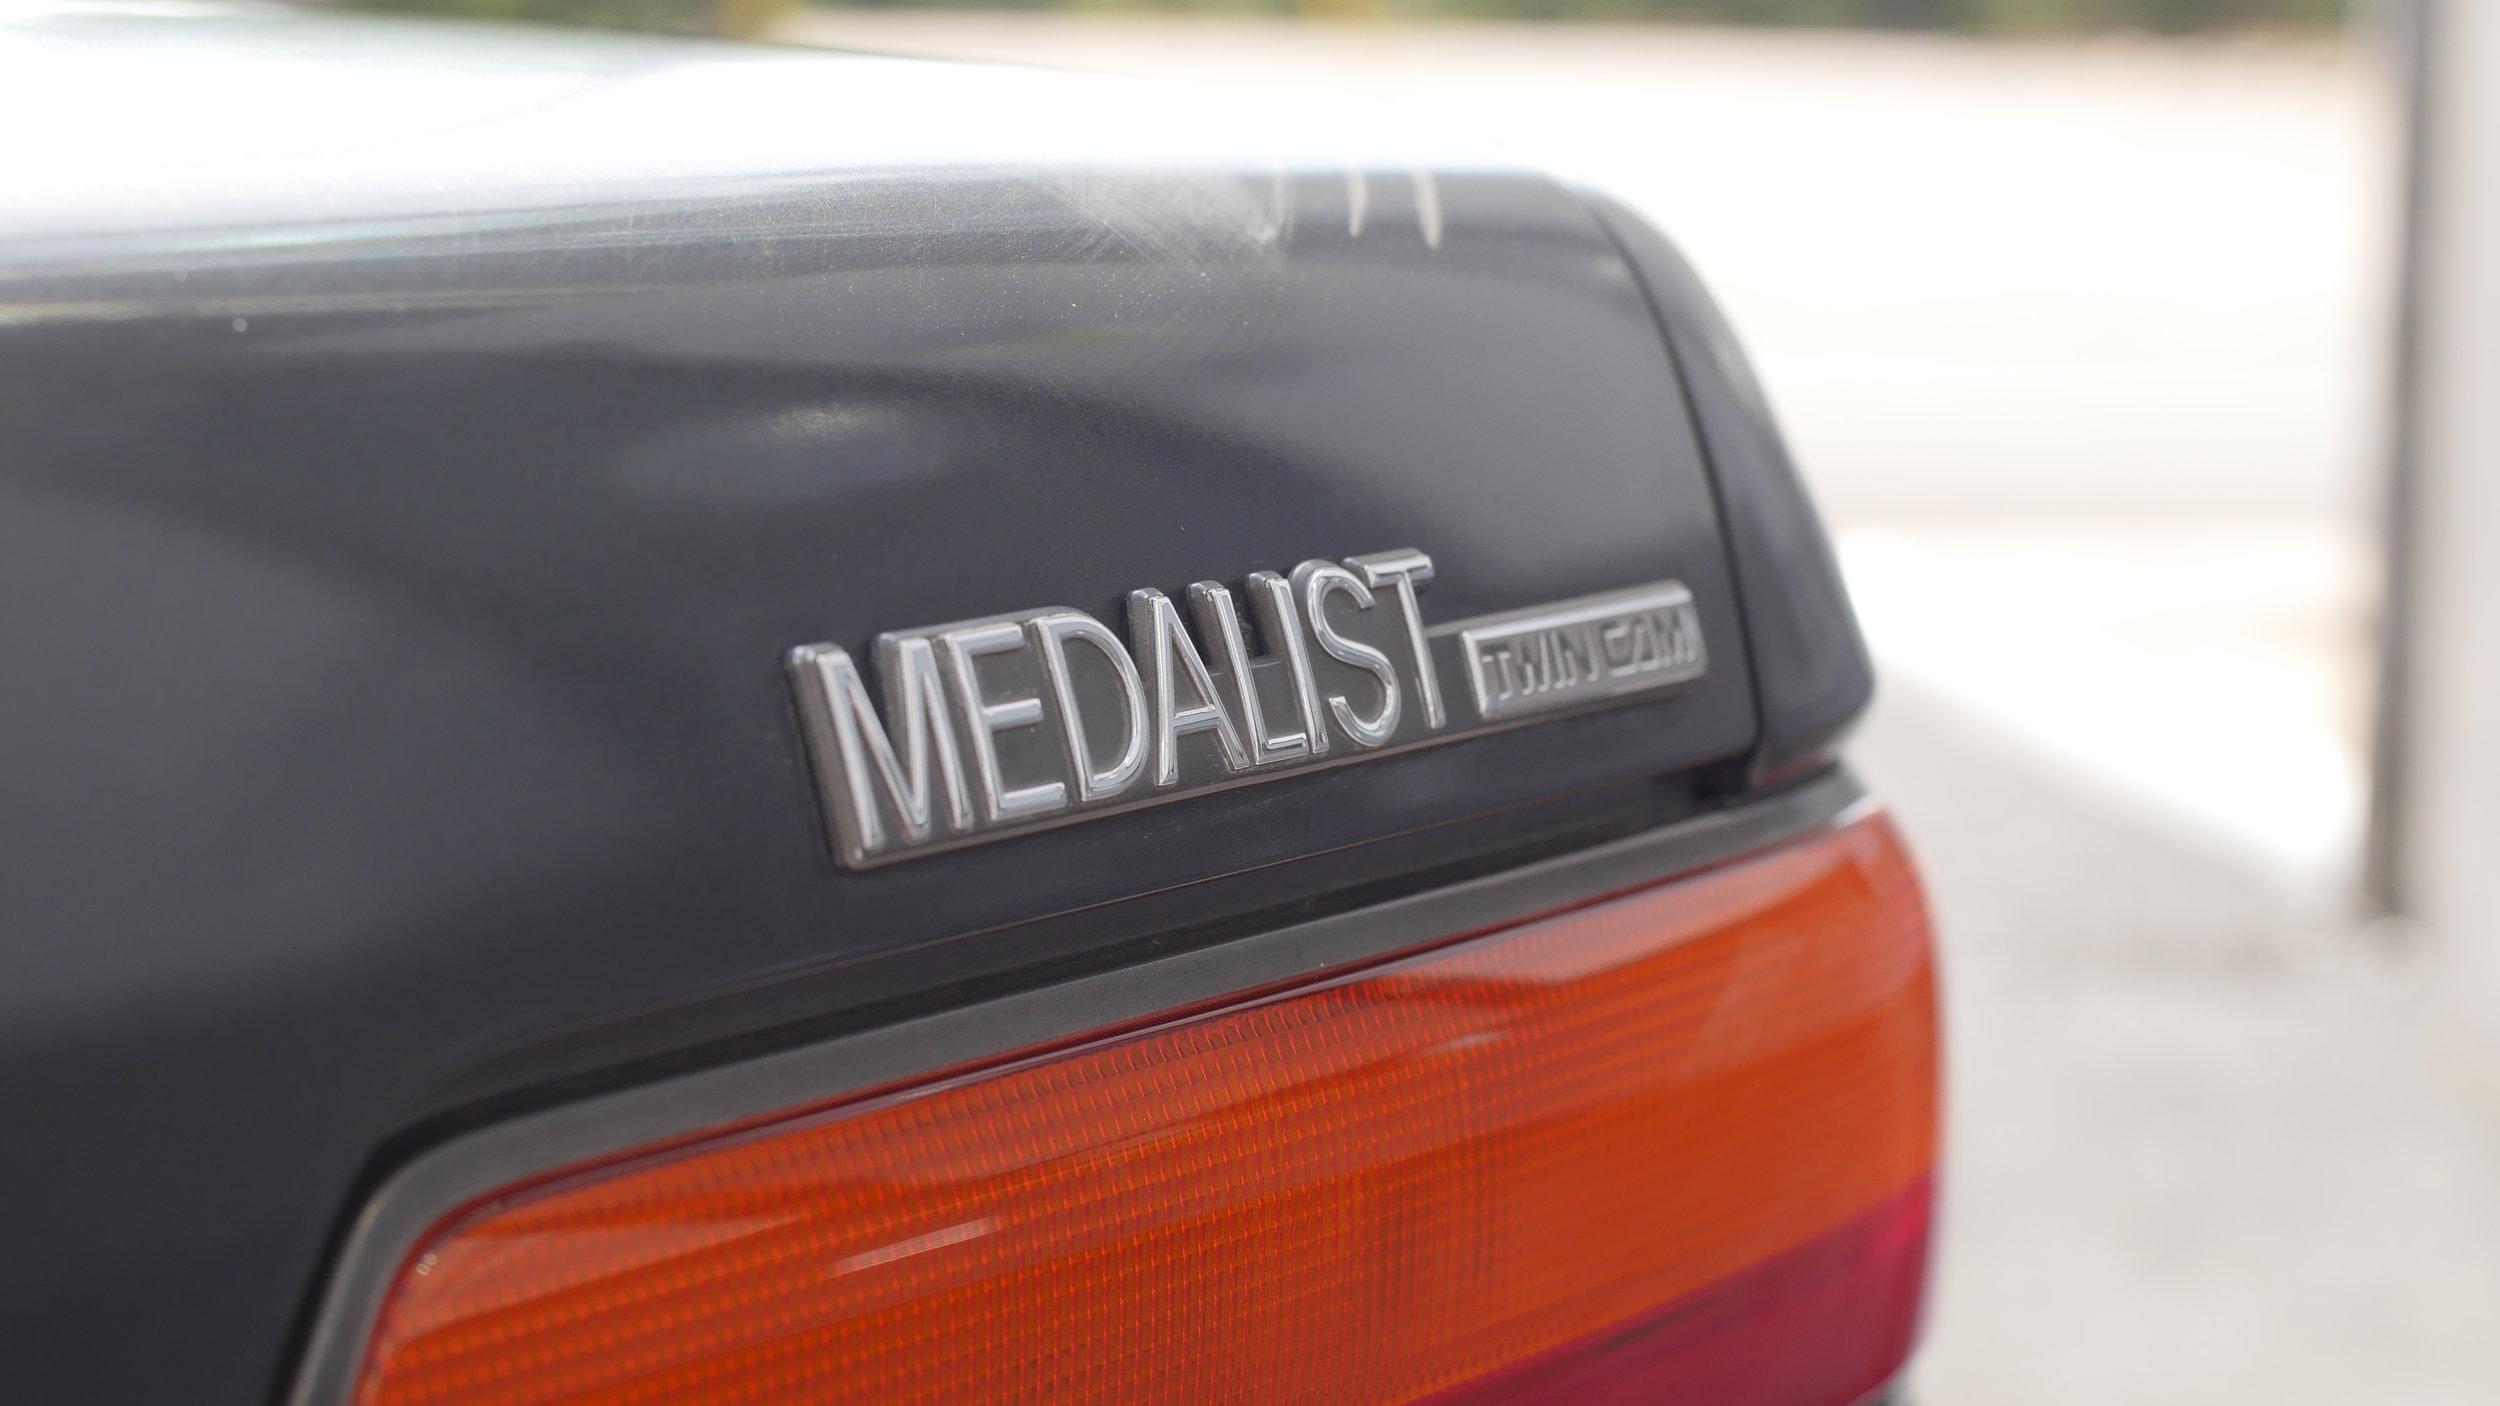 Medalist badge.JPG